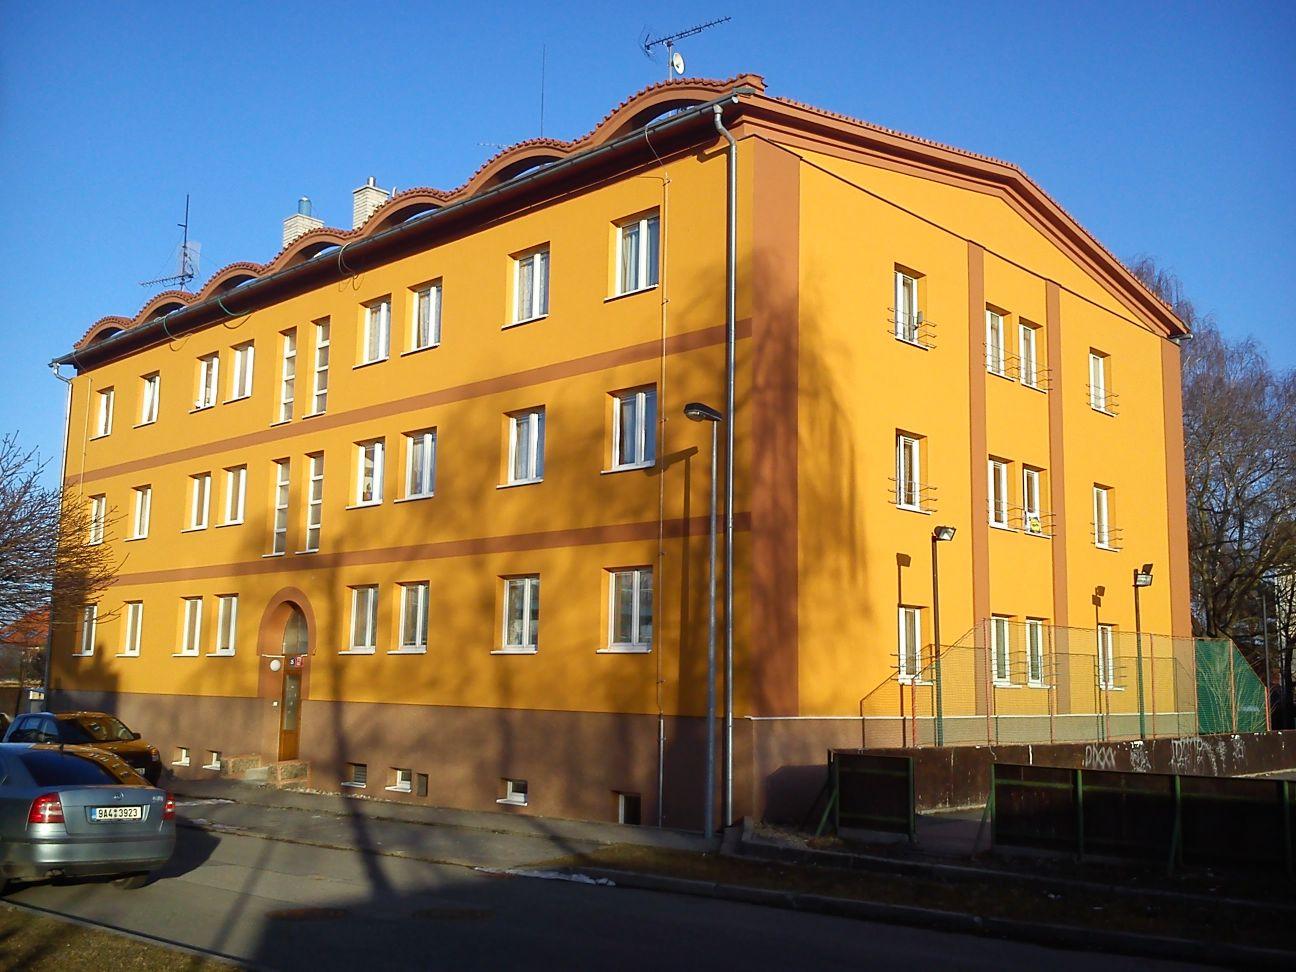 První panelák v Praze